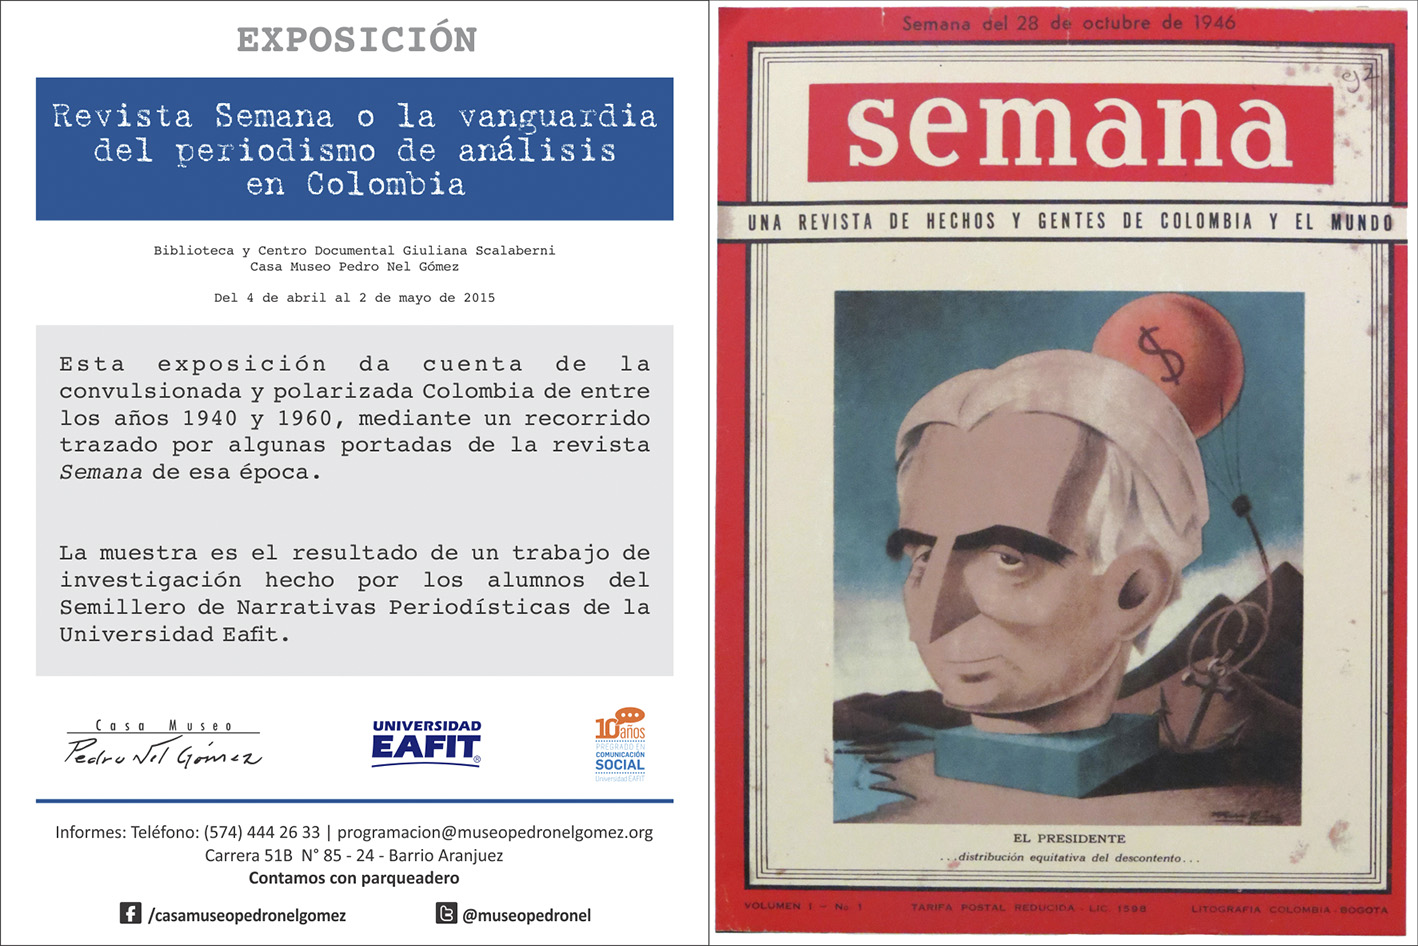 Exposición Revista Semana